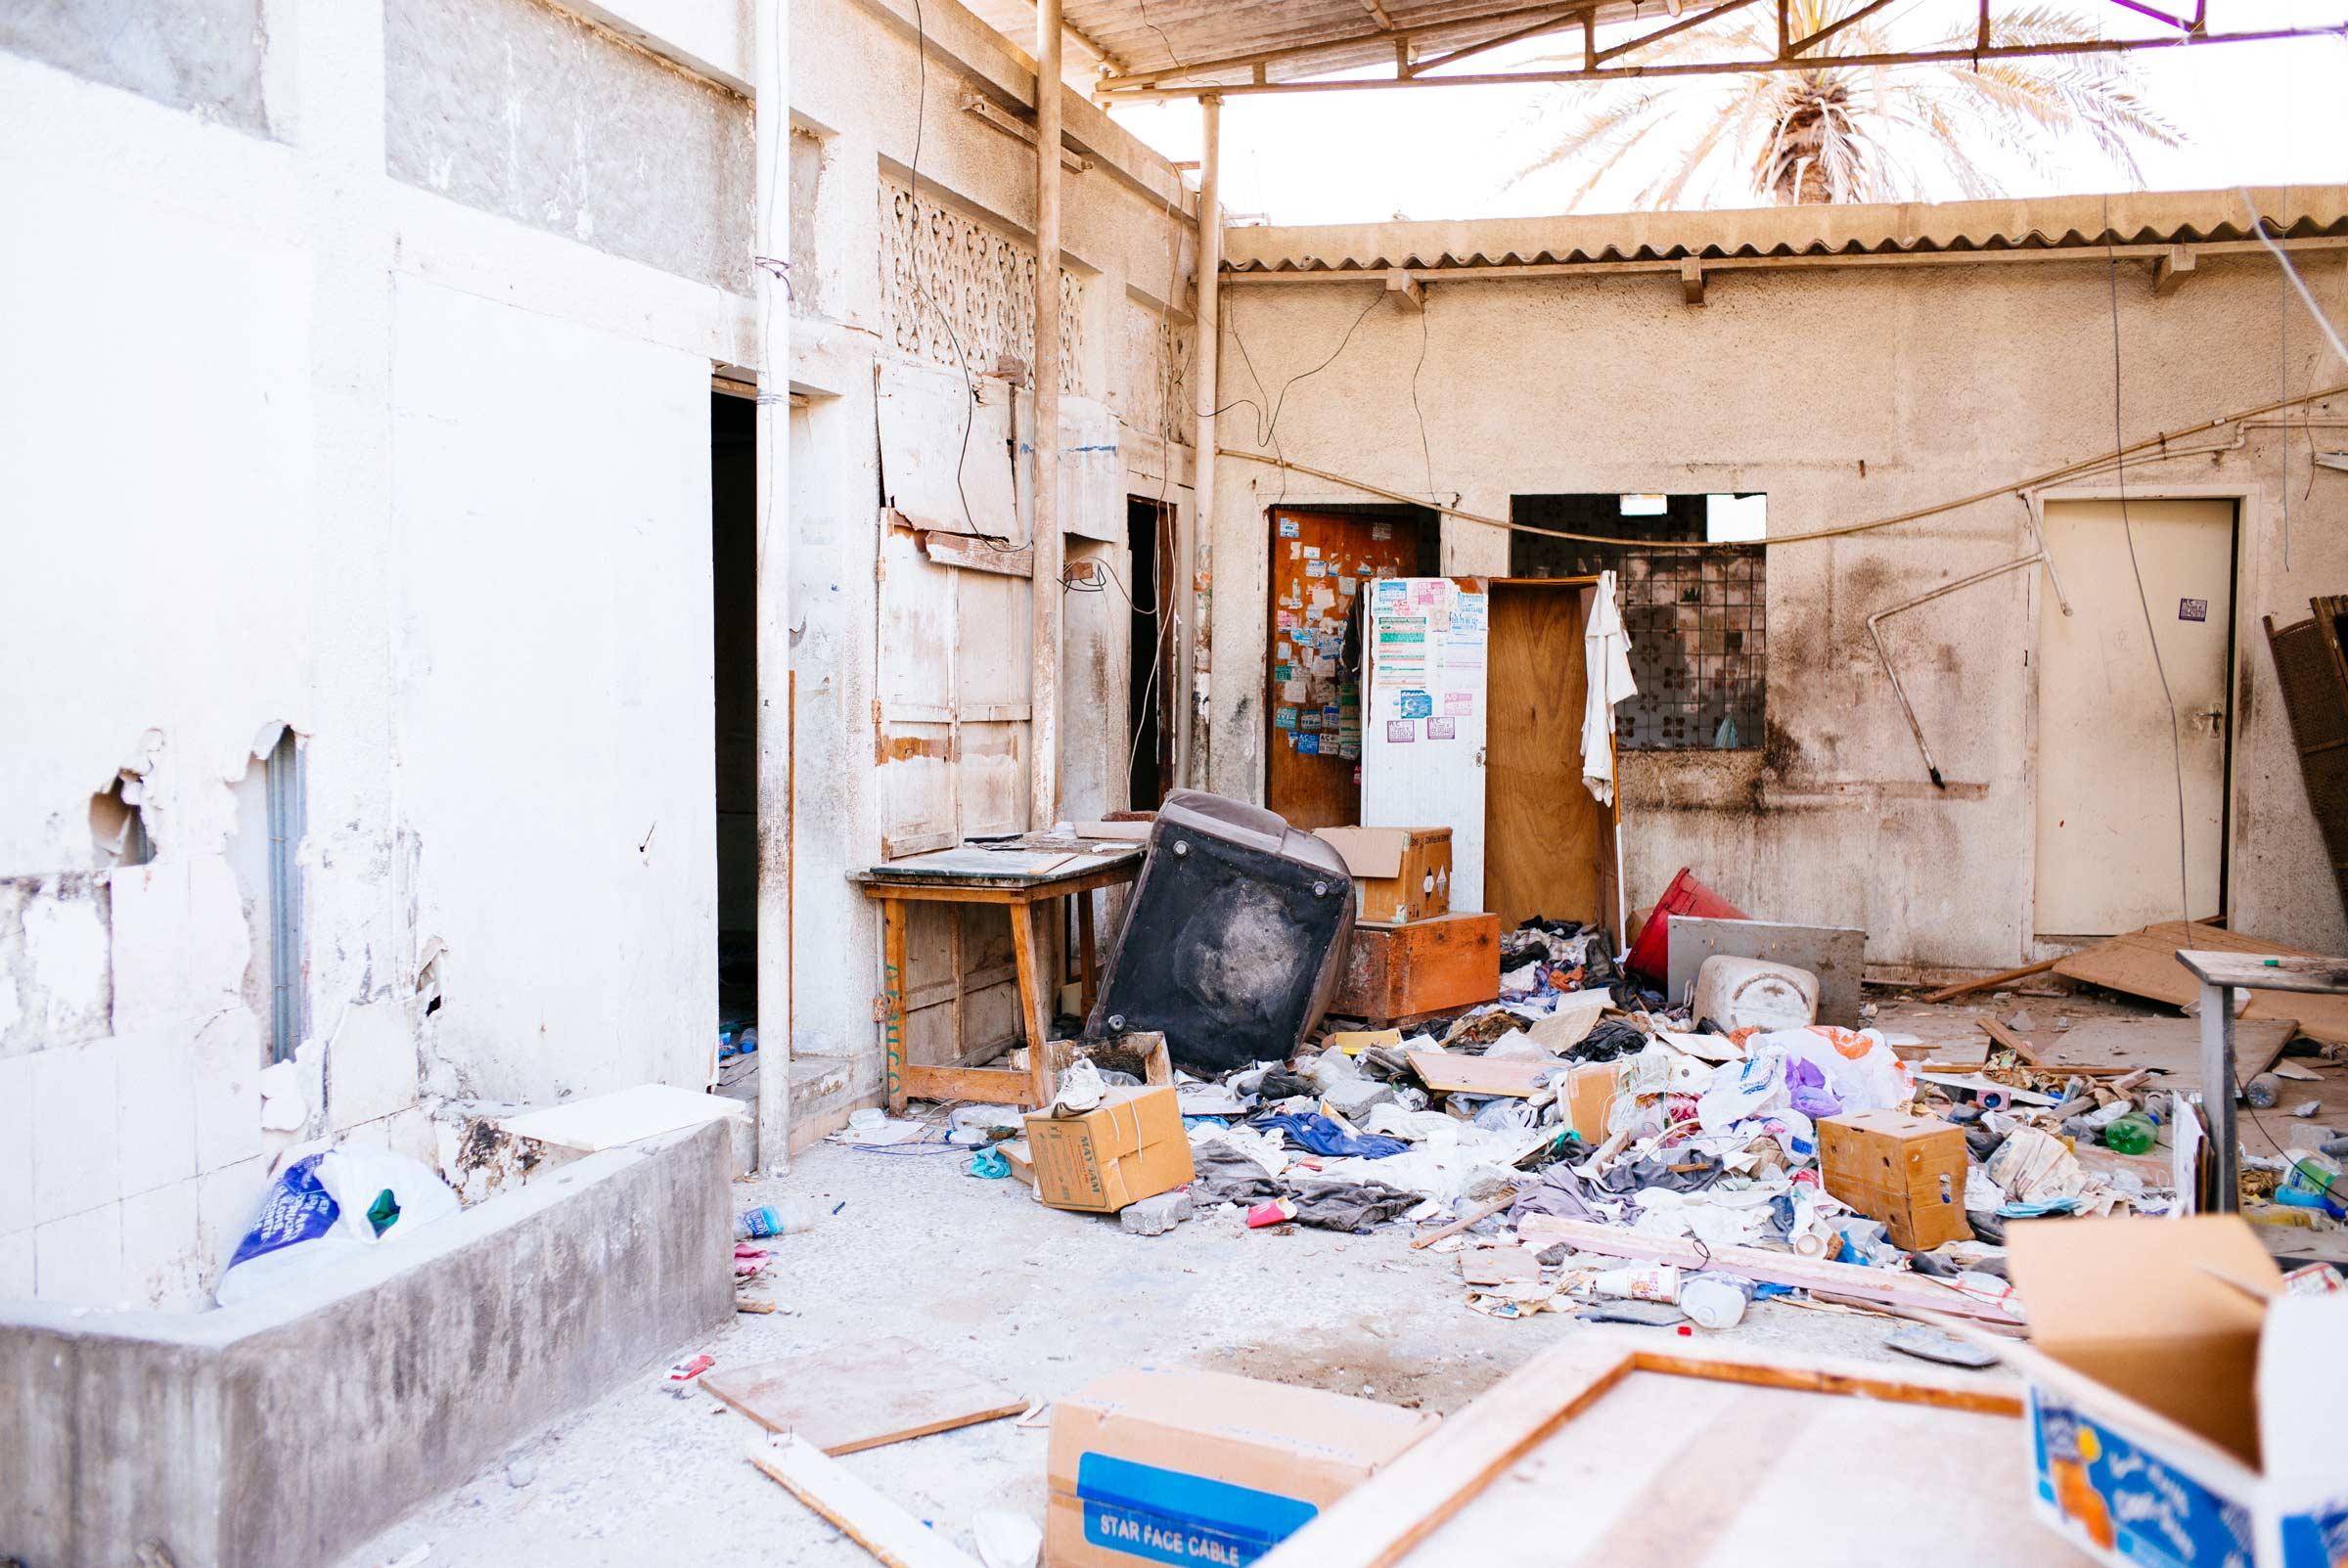 destroyed-building-dubai.jpg